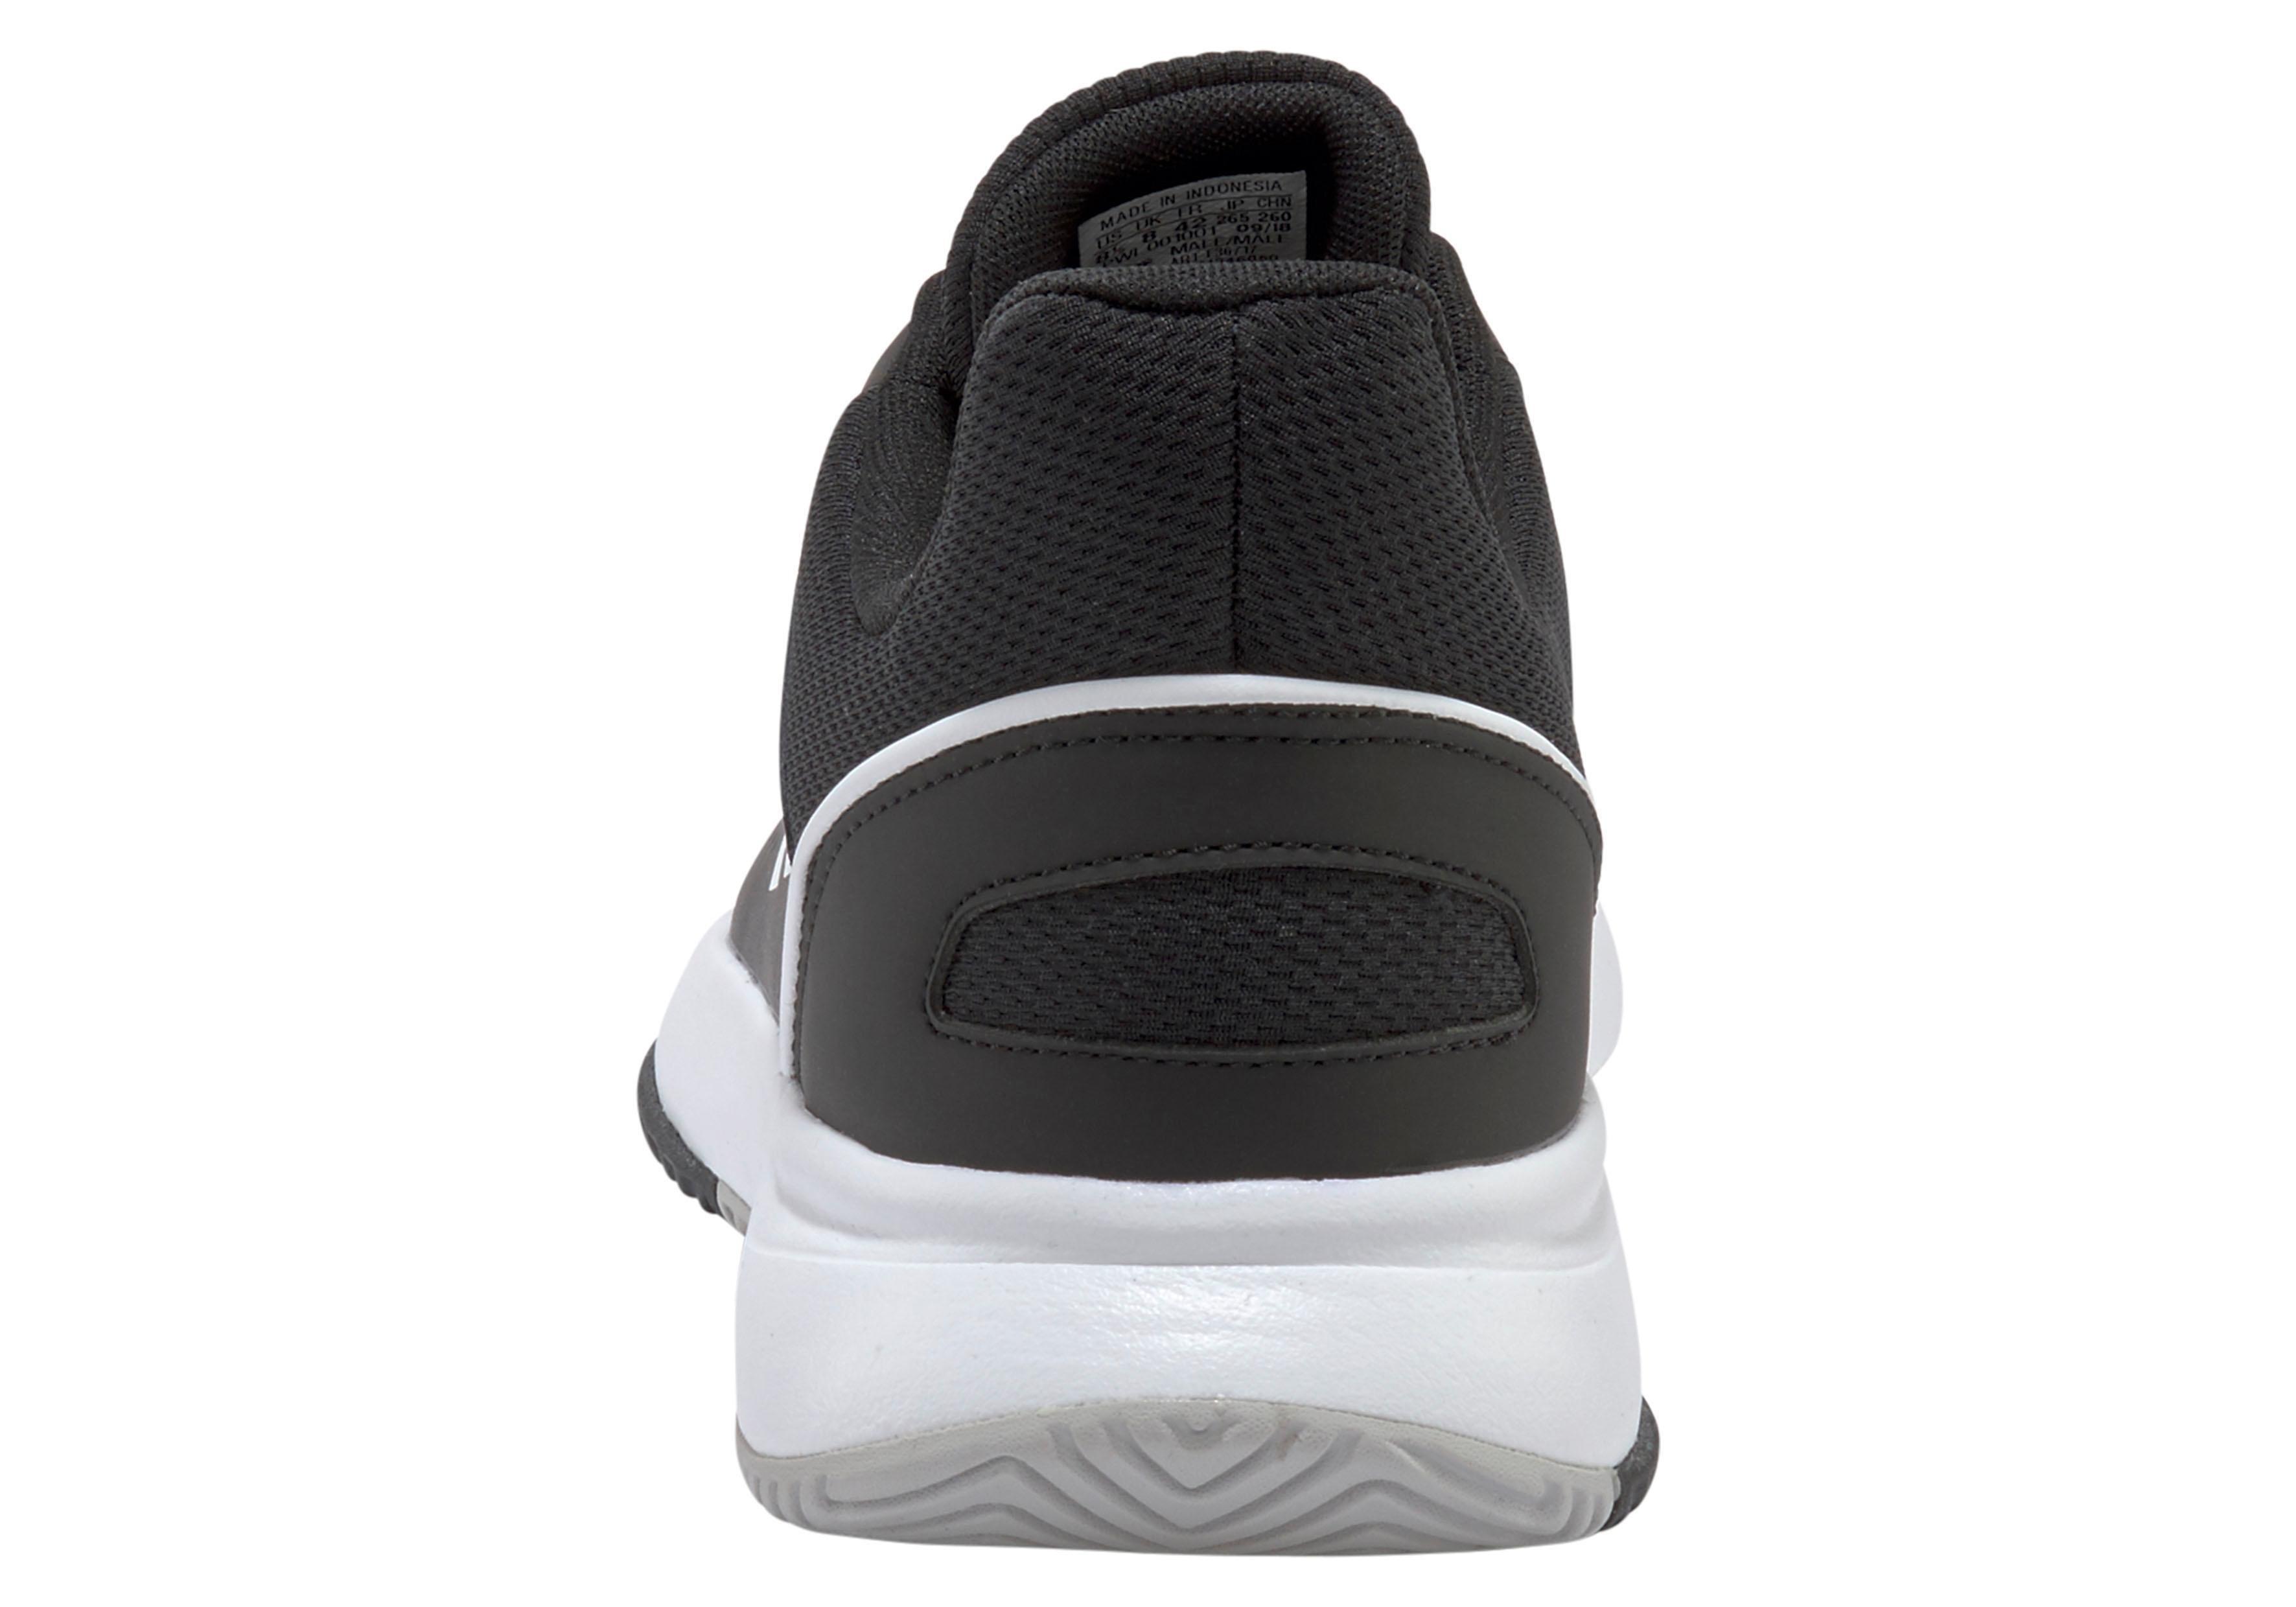 Wandelschoenencourtsmash In De Adidas Shop Online wXPkiOZTu